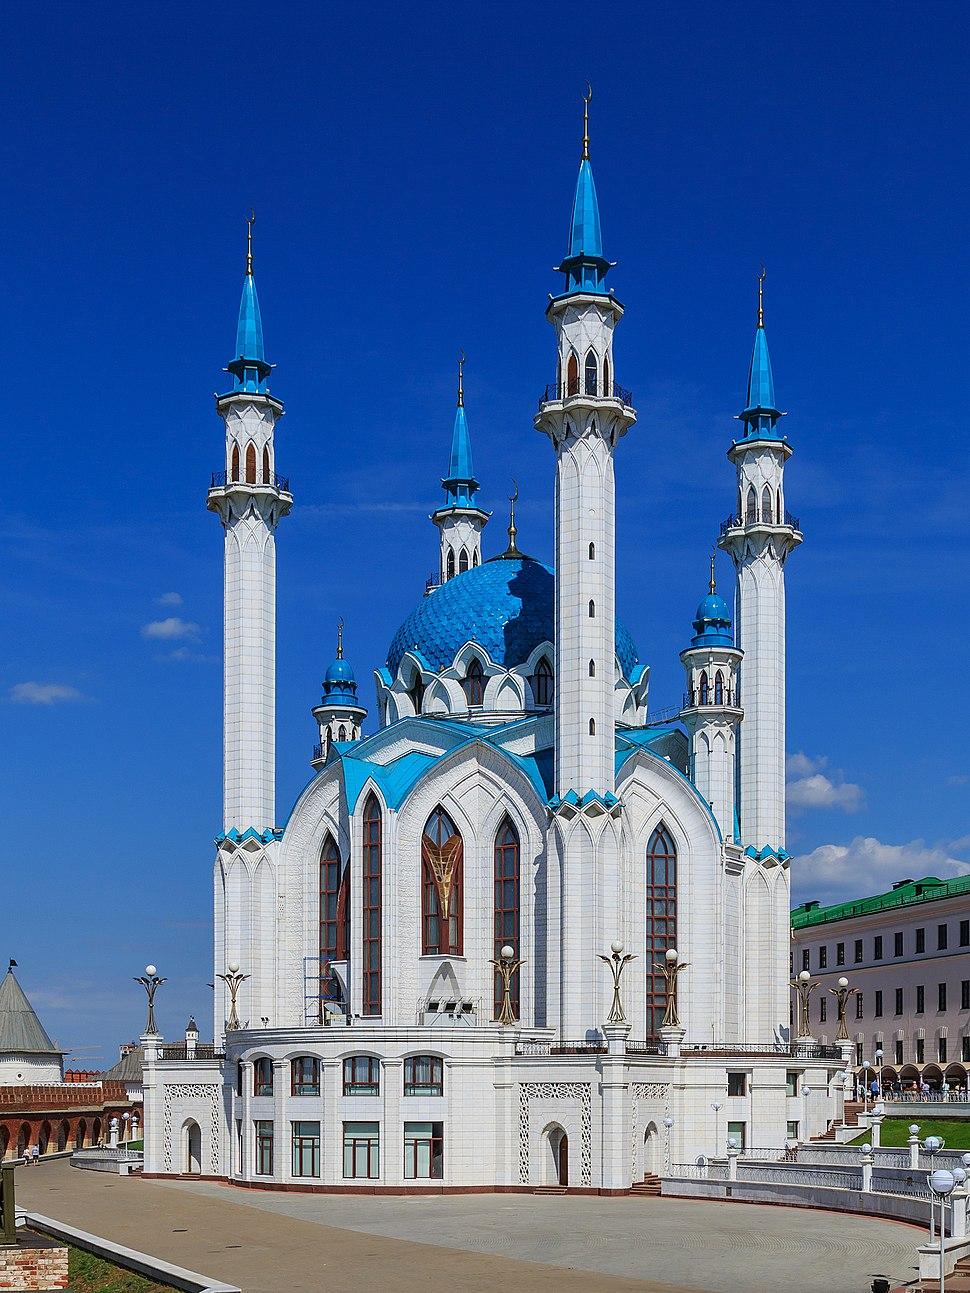 Kazan Kremlin Qolsharif Mosque 08-2016 img2